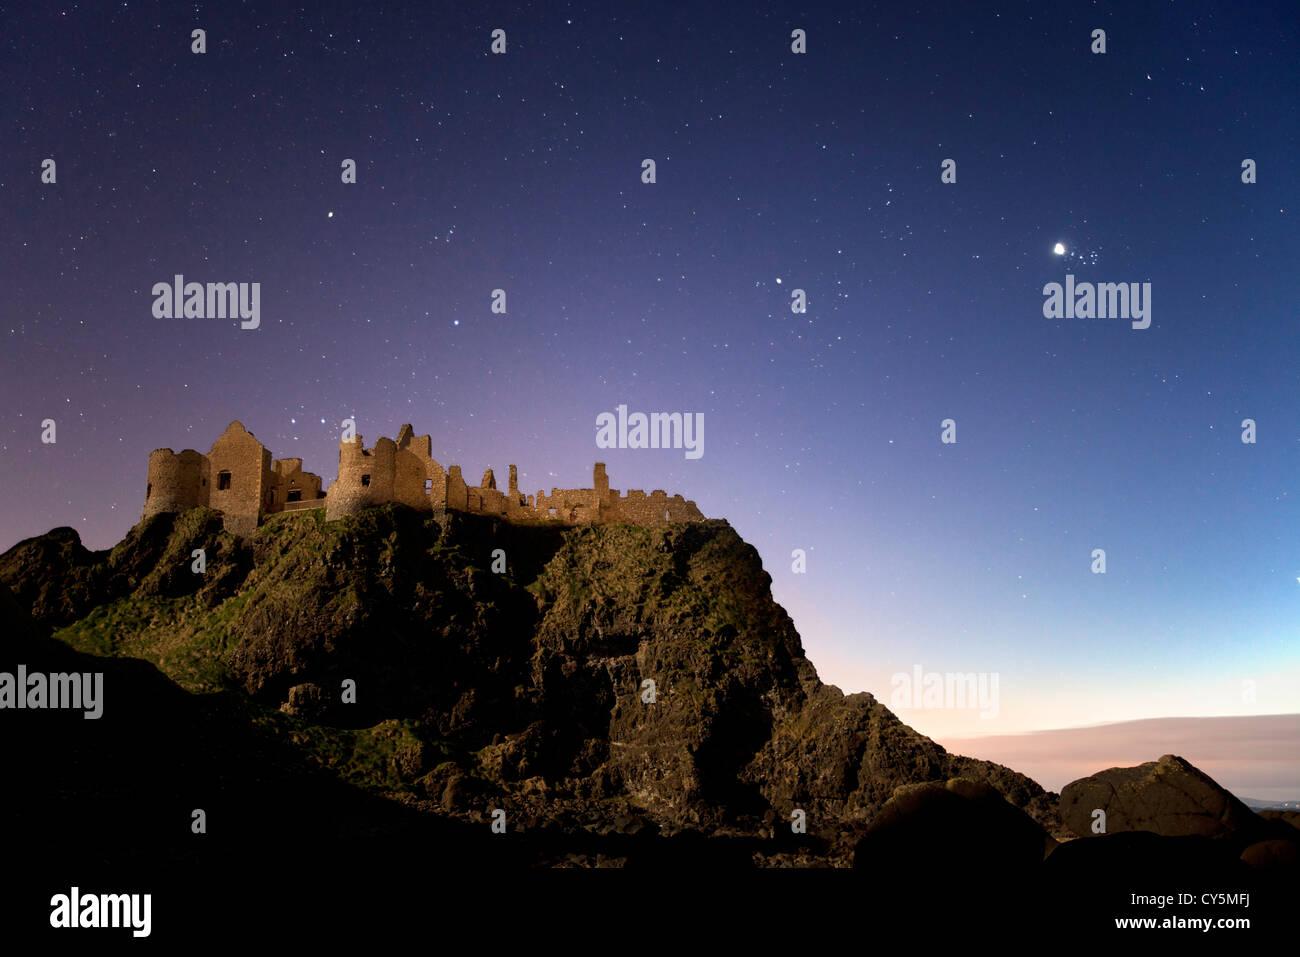 Castillo de Dunluce capturados en la noche bajo la luz de la luna. Imagen De Stock